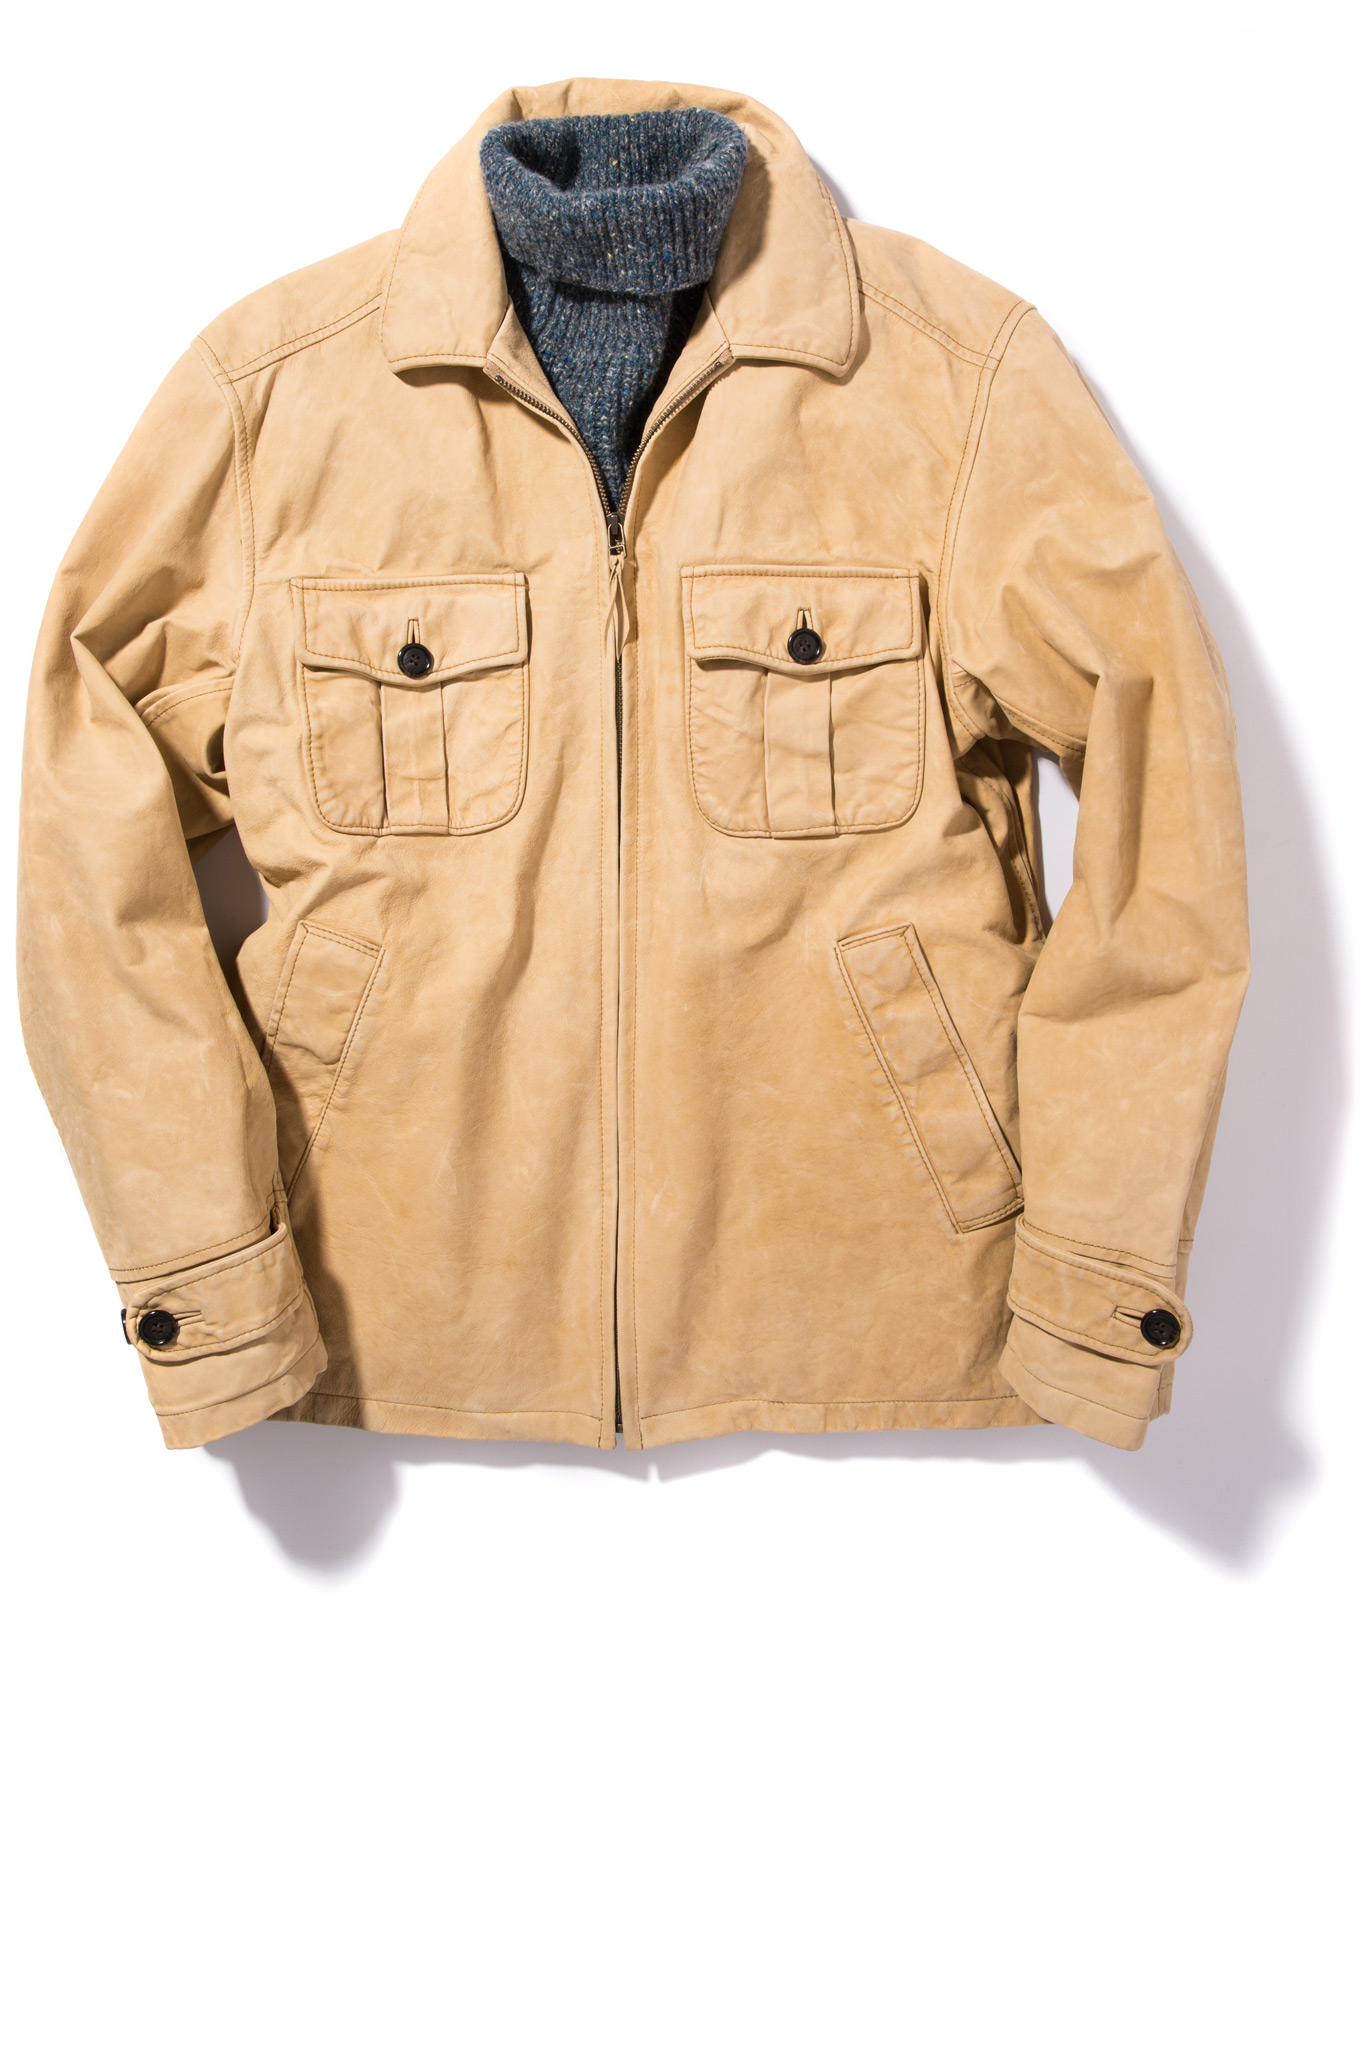 Axel's Hemingway Jacket